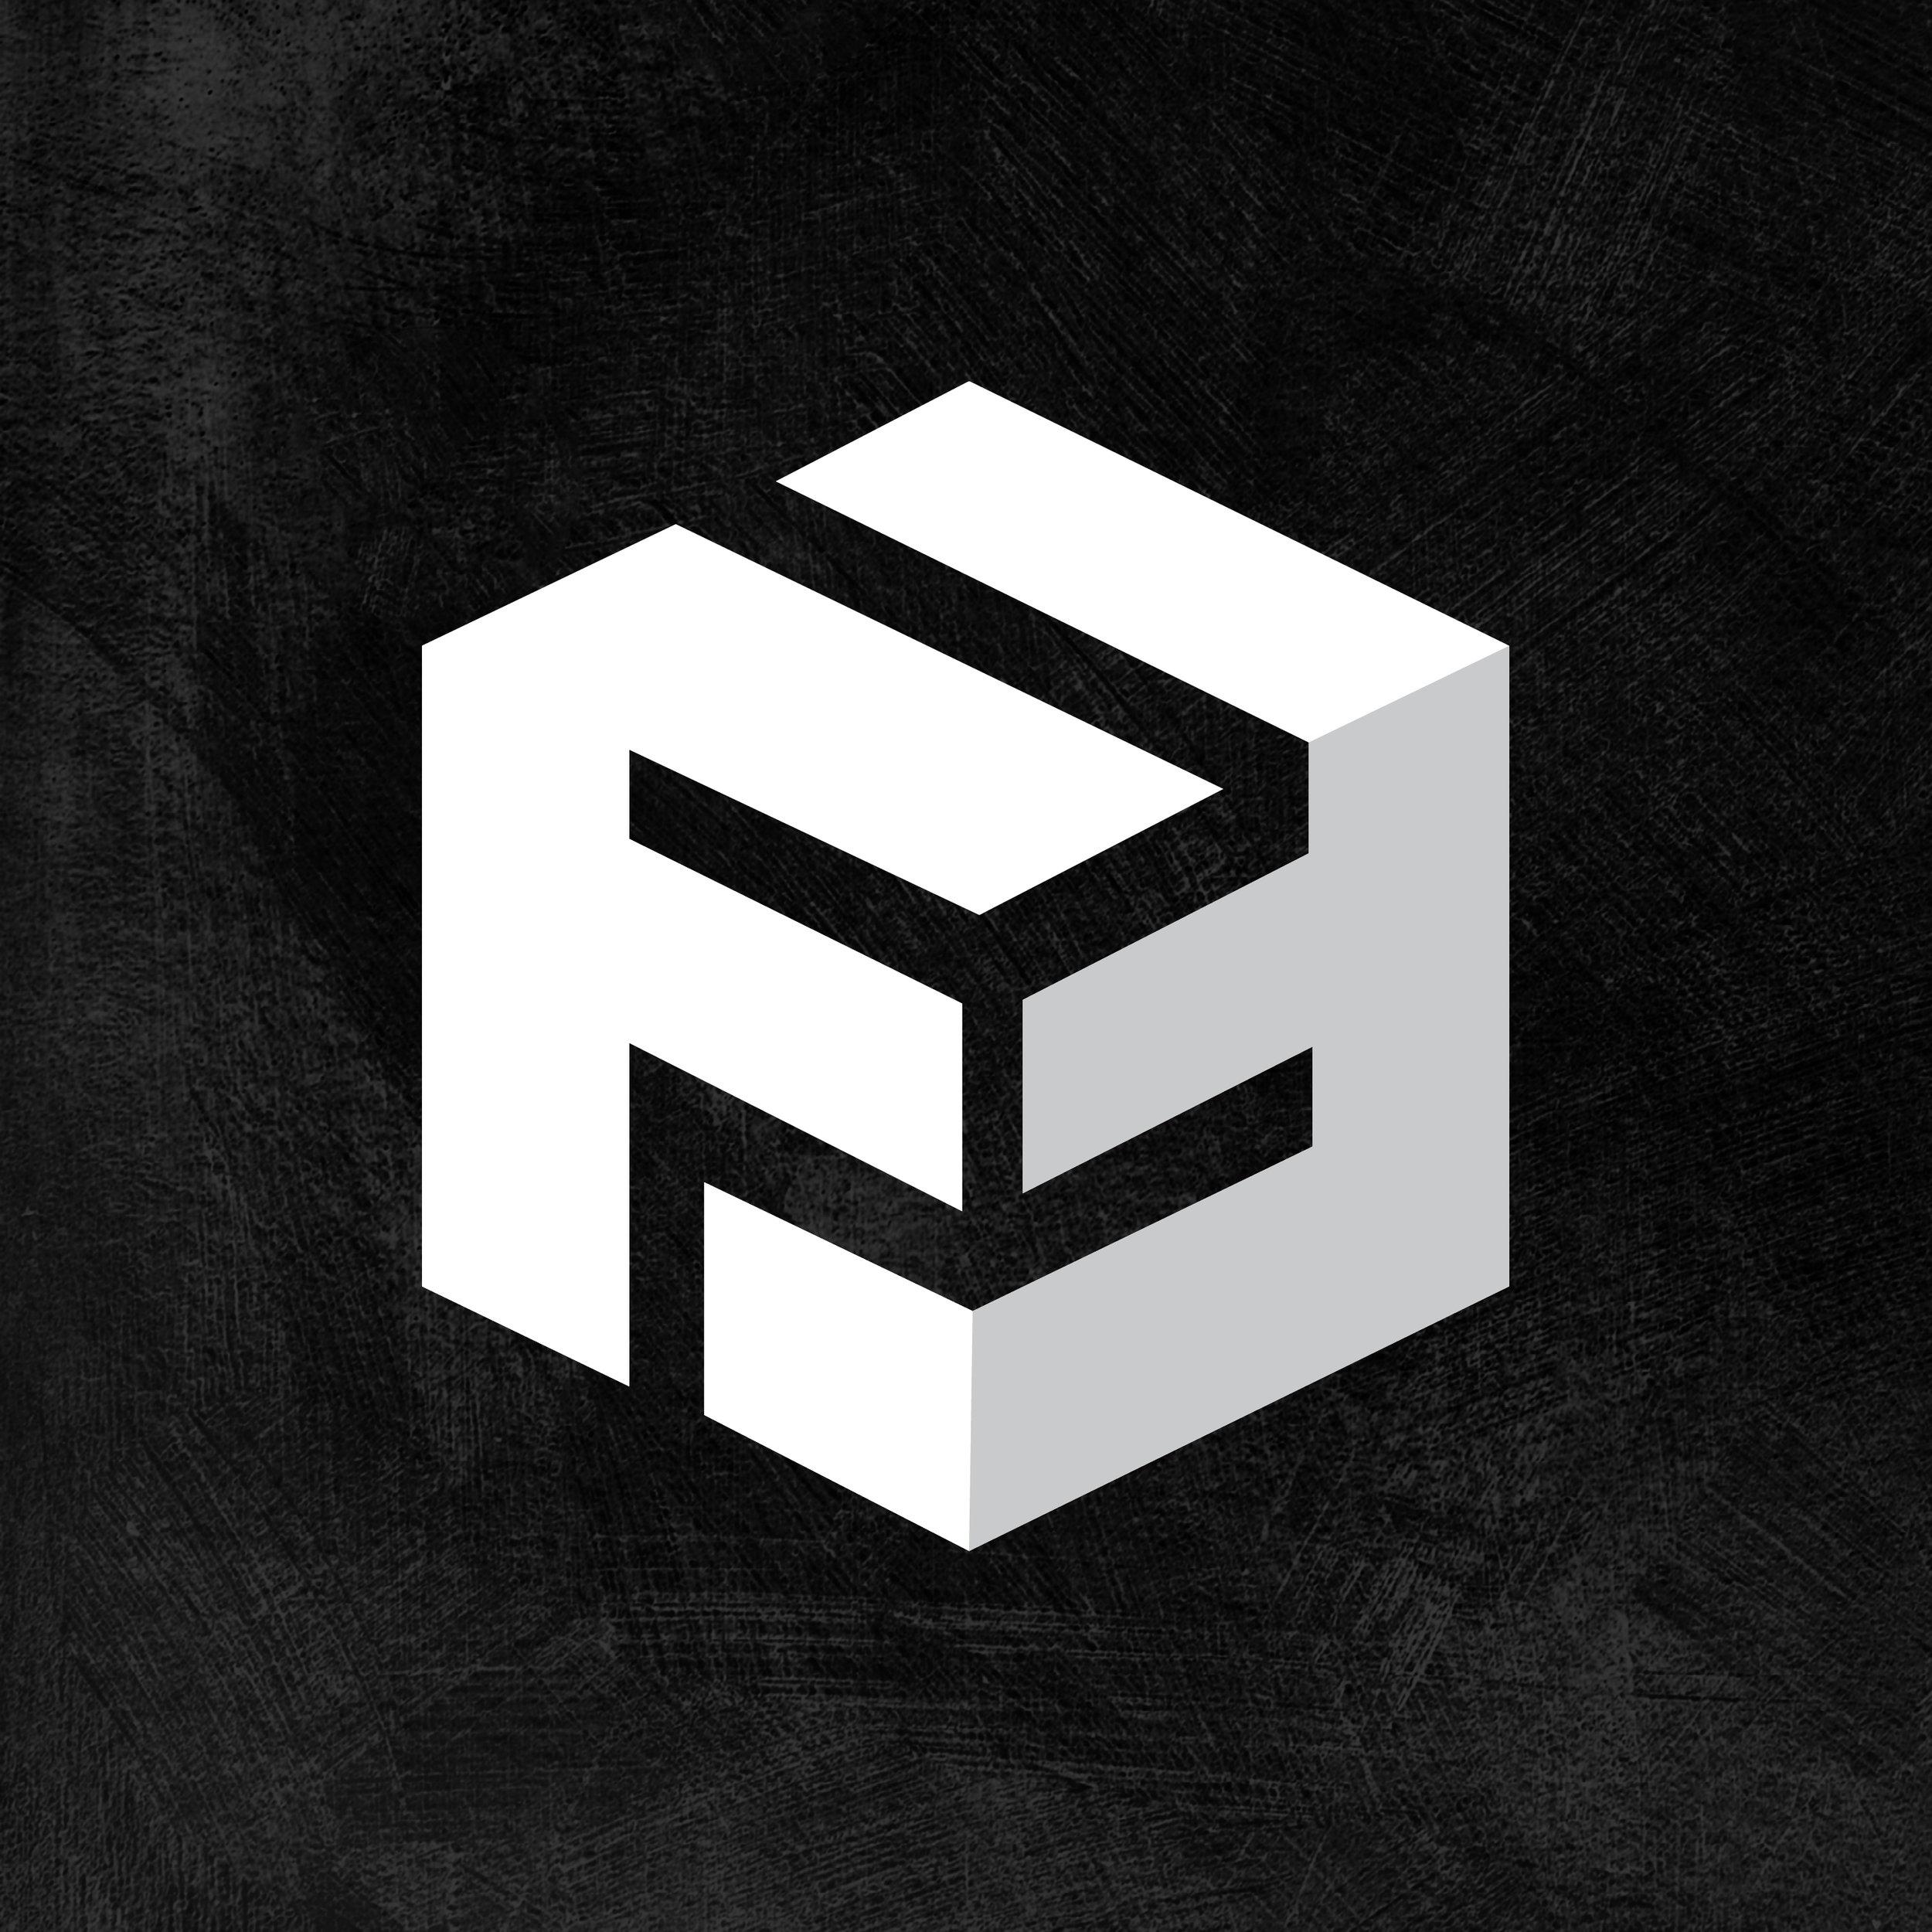 logo-fitform_2.jpg